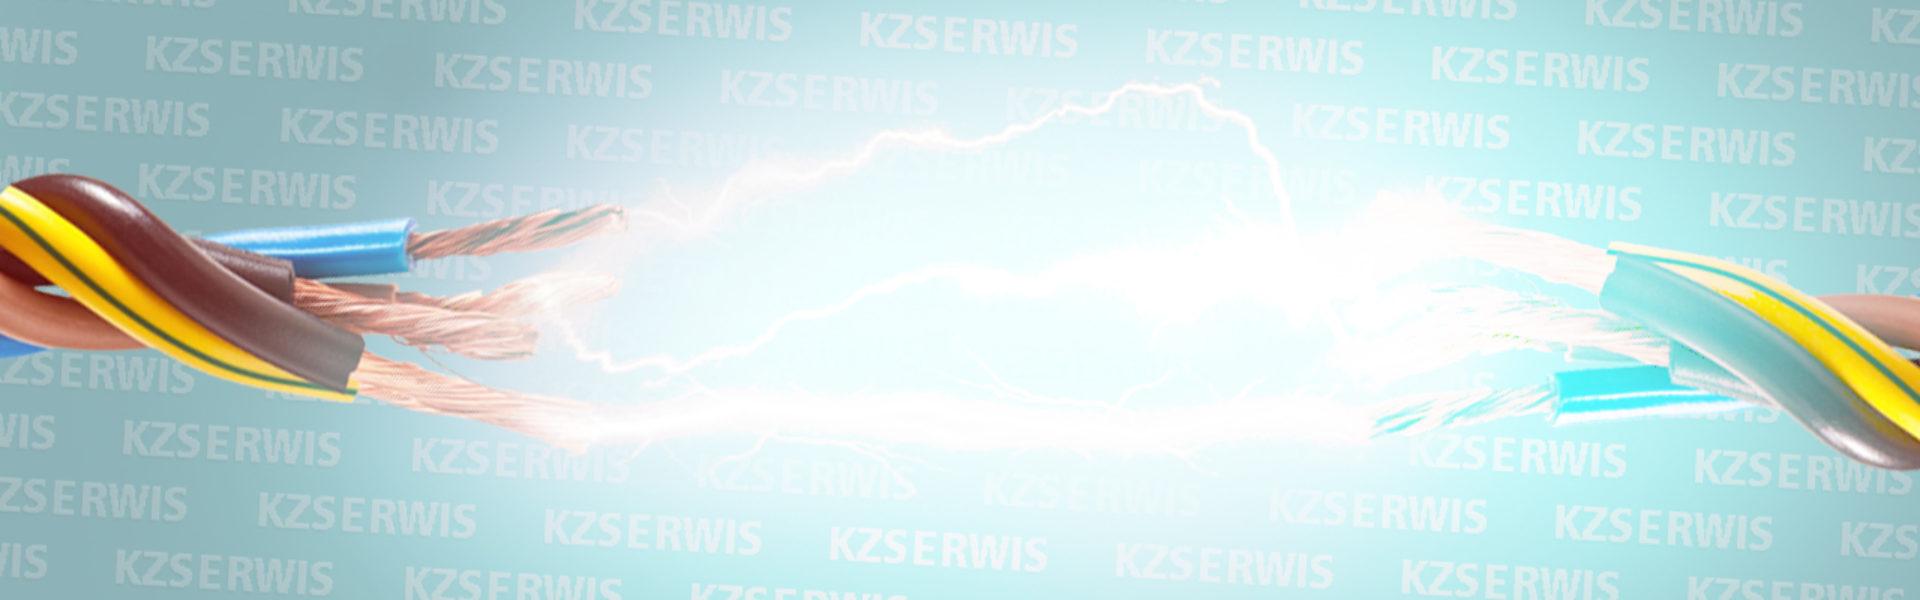 KZSERWIS